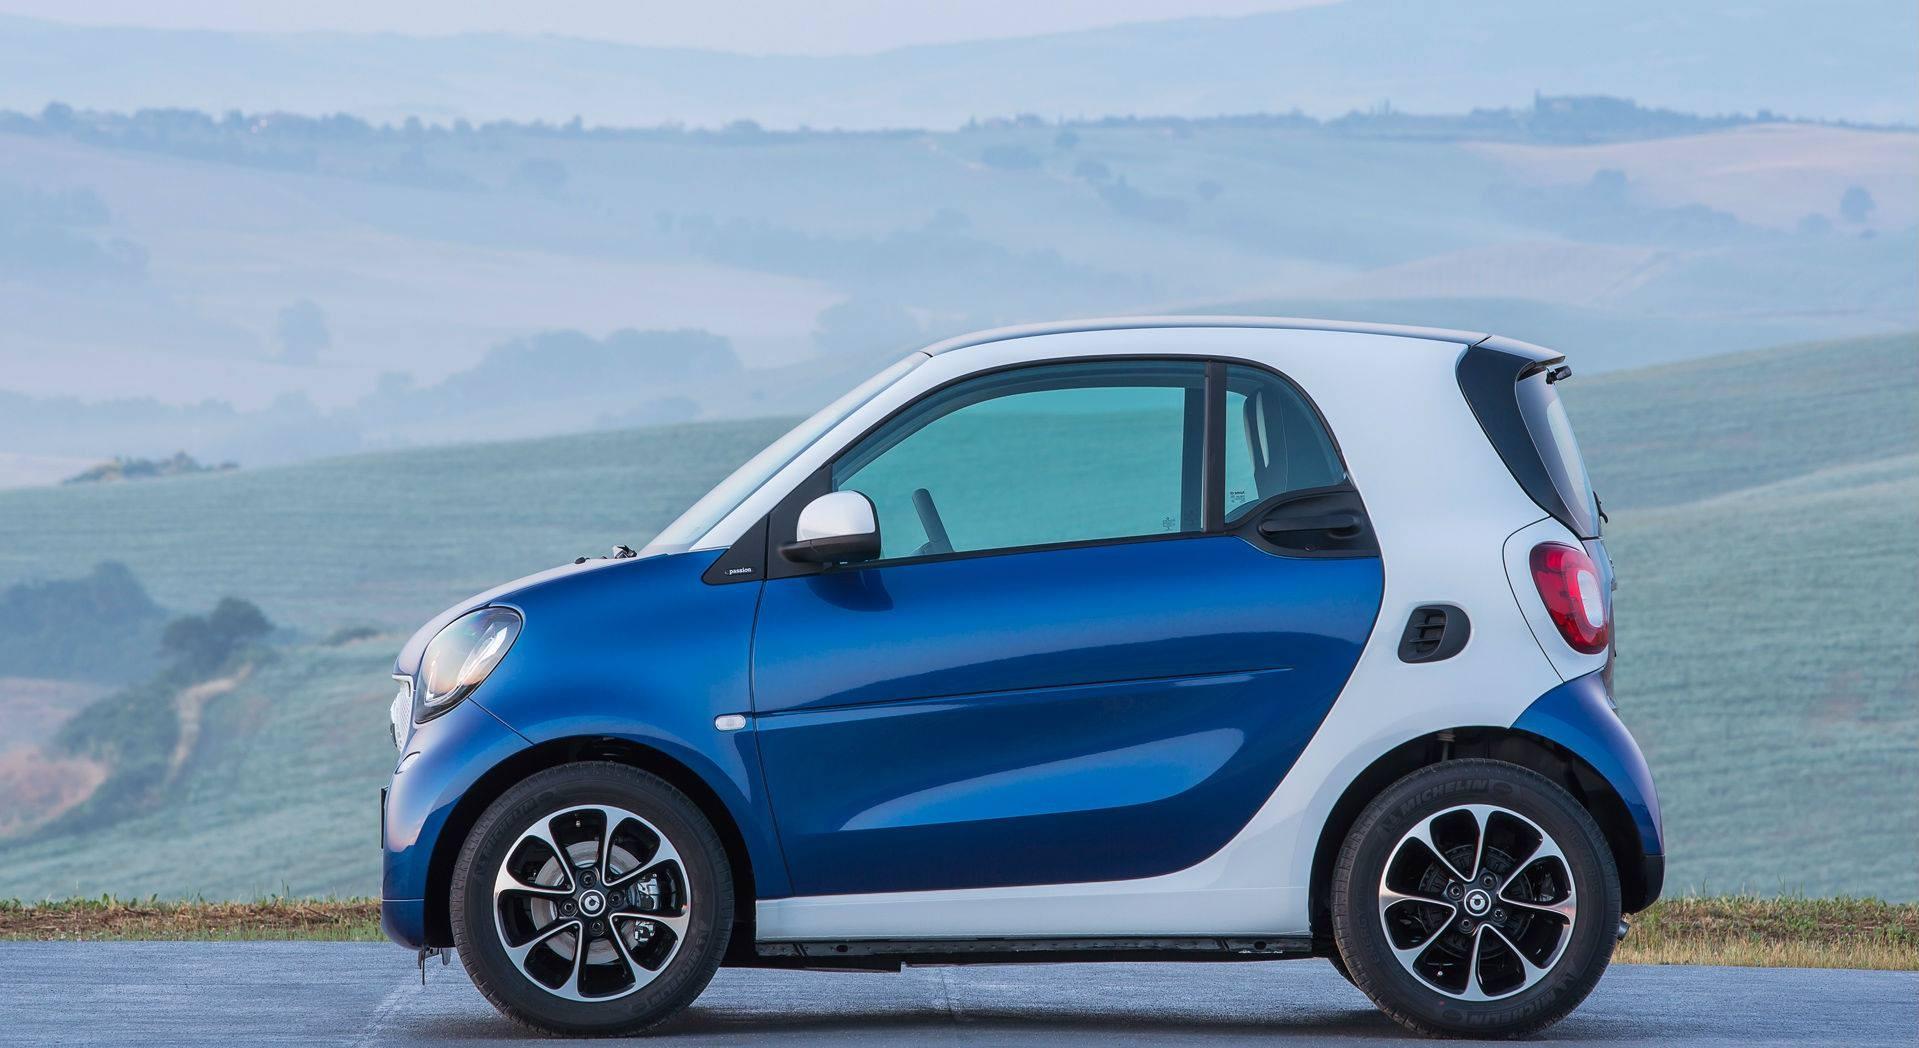 Топ-3 самых экономичных авто на русском рынке